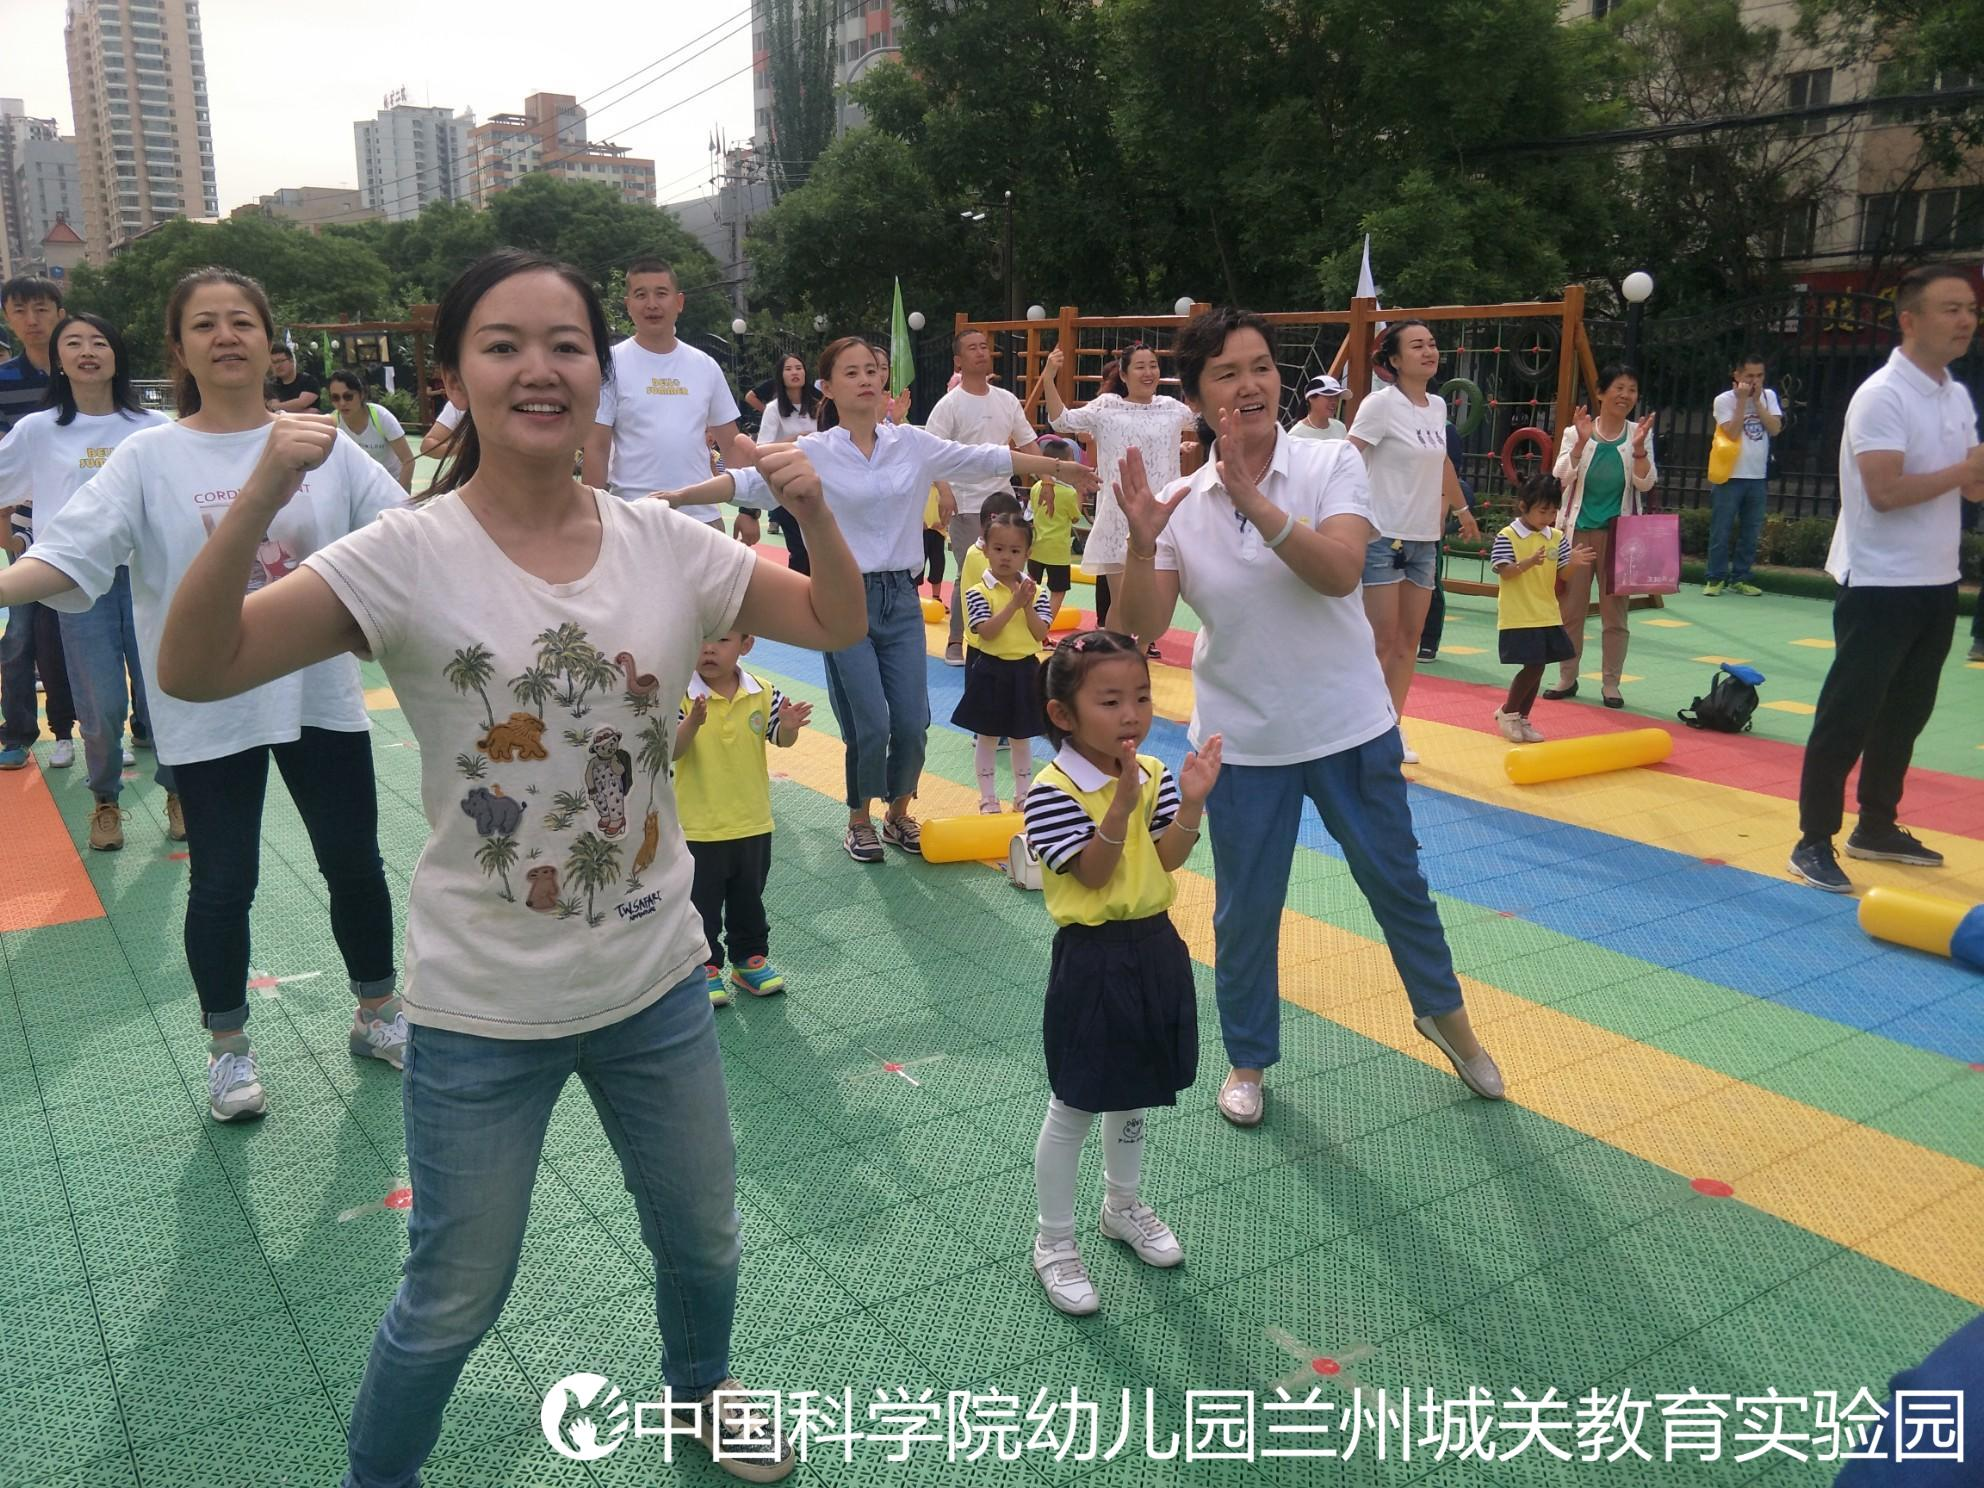 亲子课堂|创意美术-中国科学院幼儿园